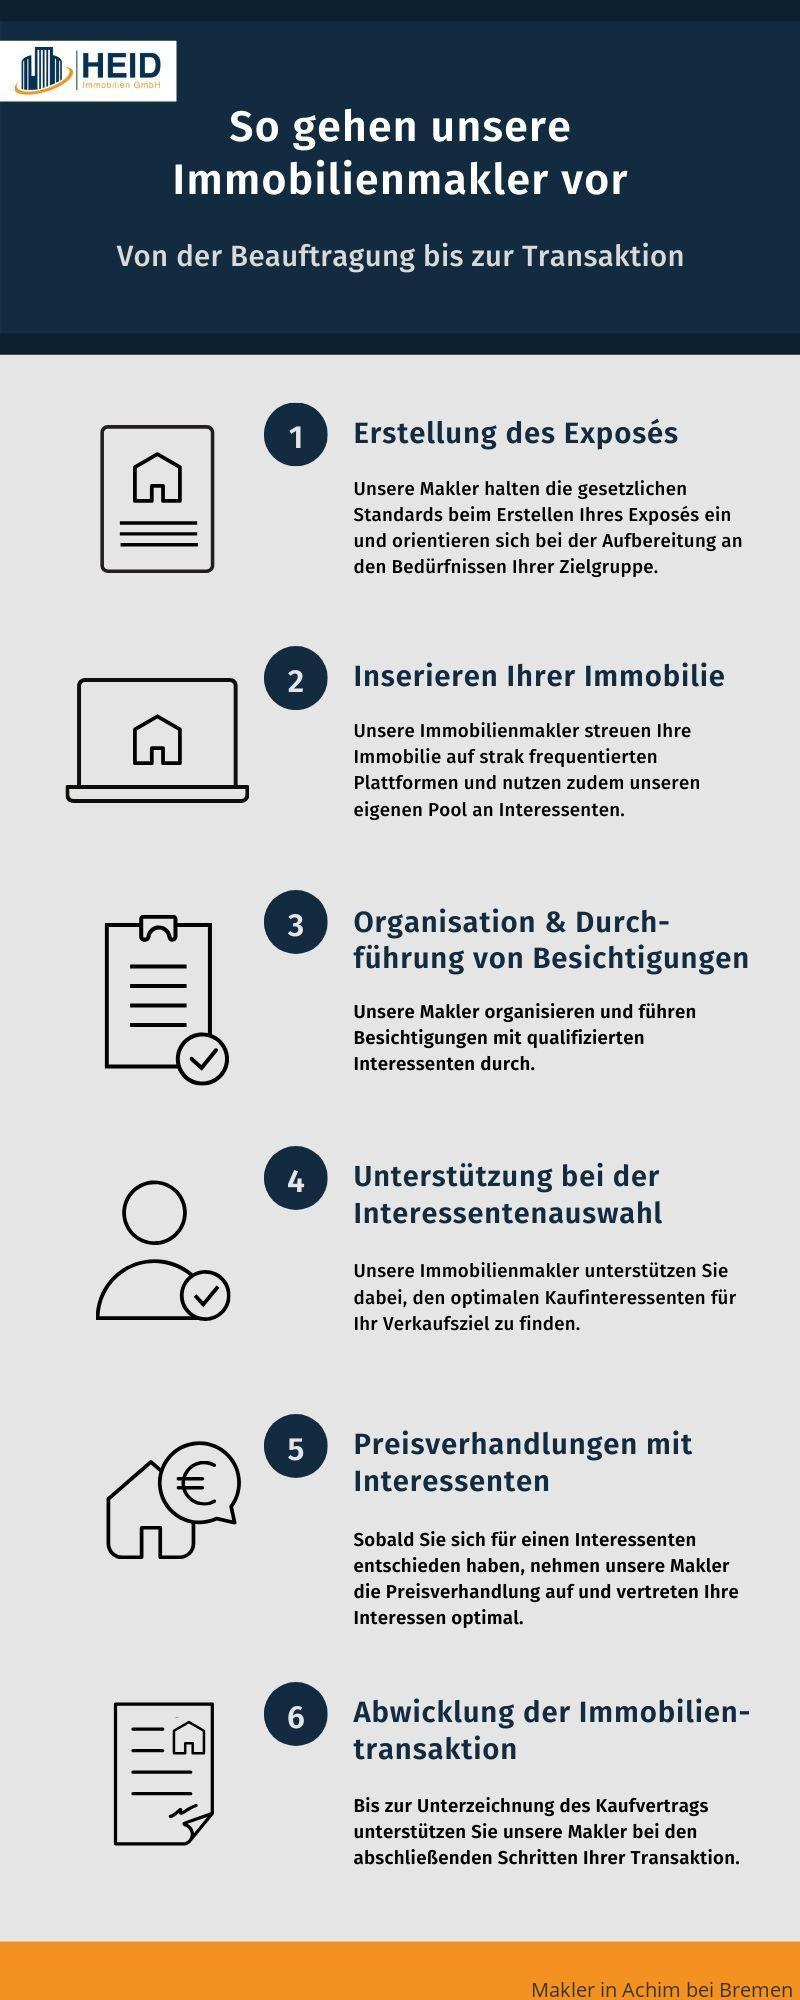 Ablauf einer Maklerbeauftragung in Achim bei Bremen